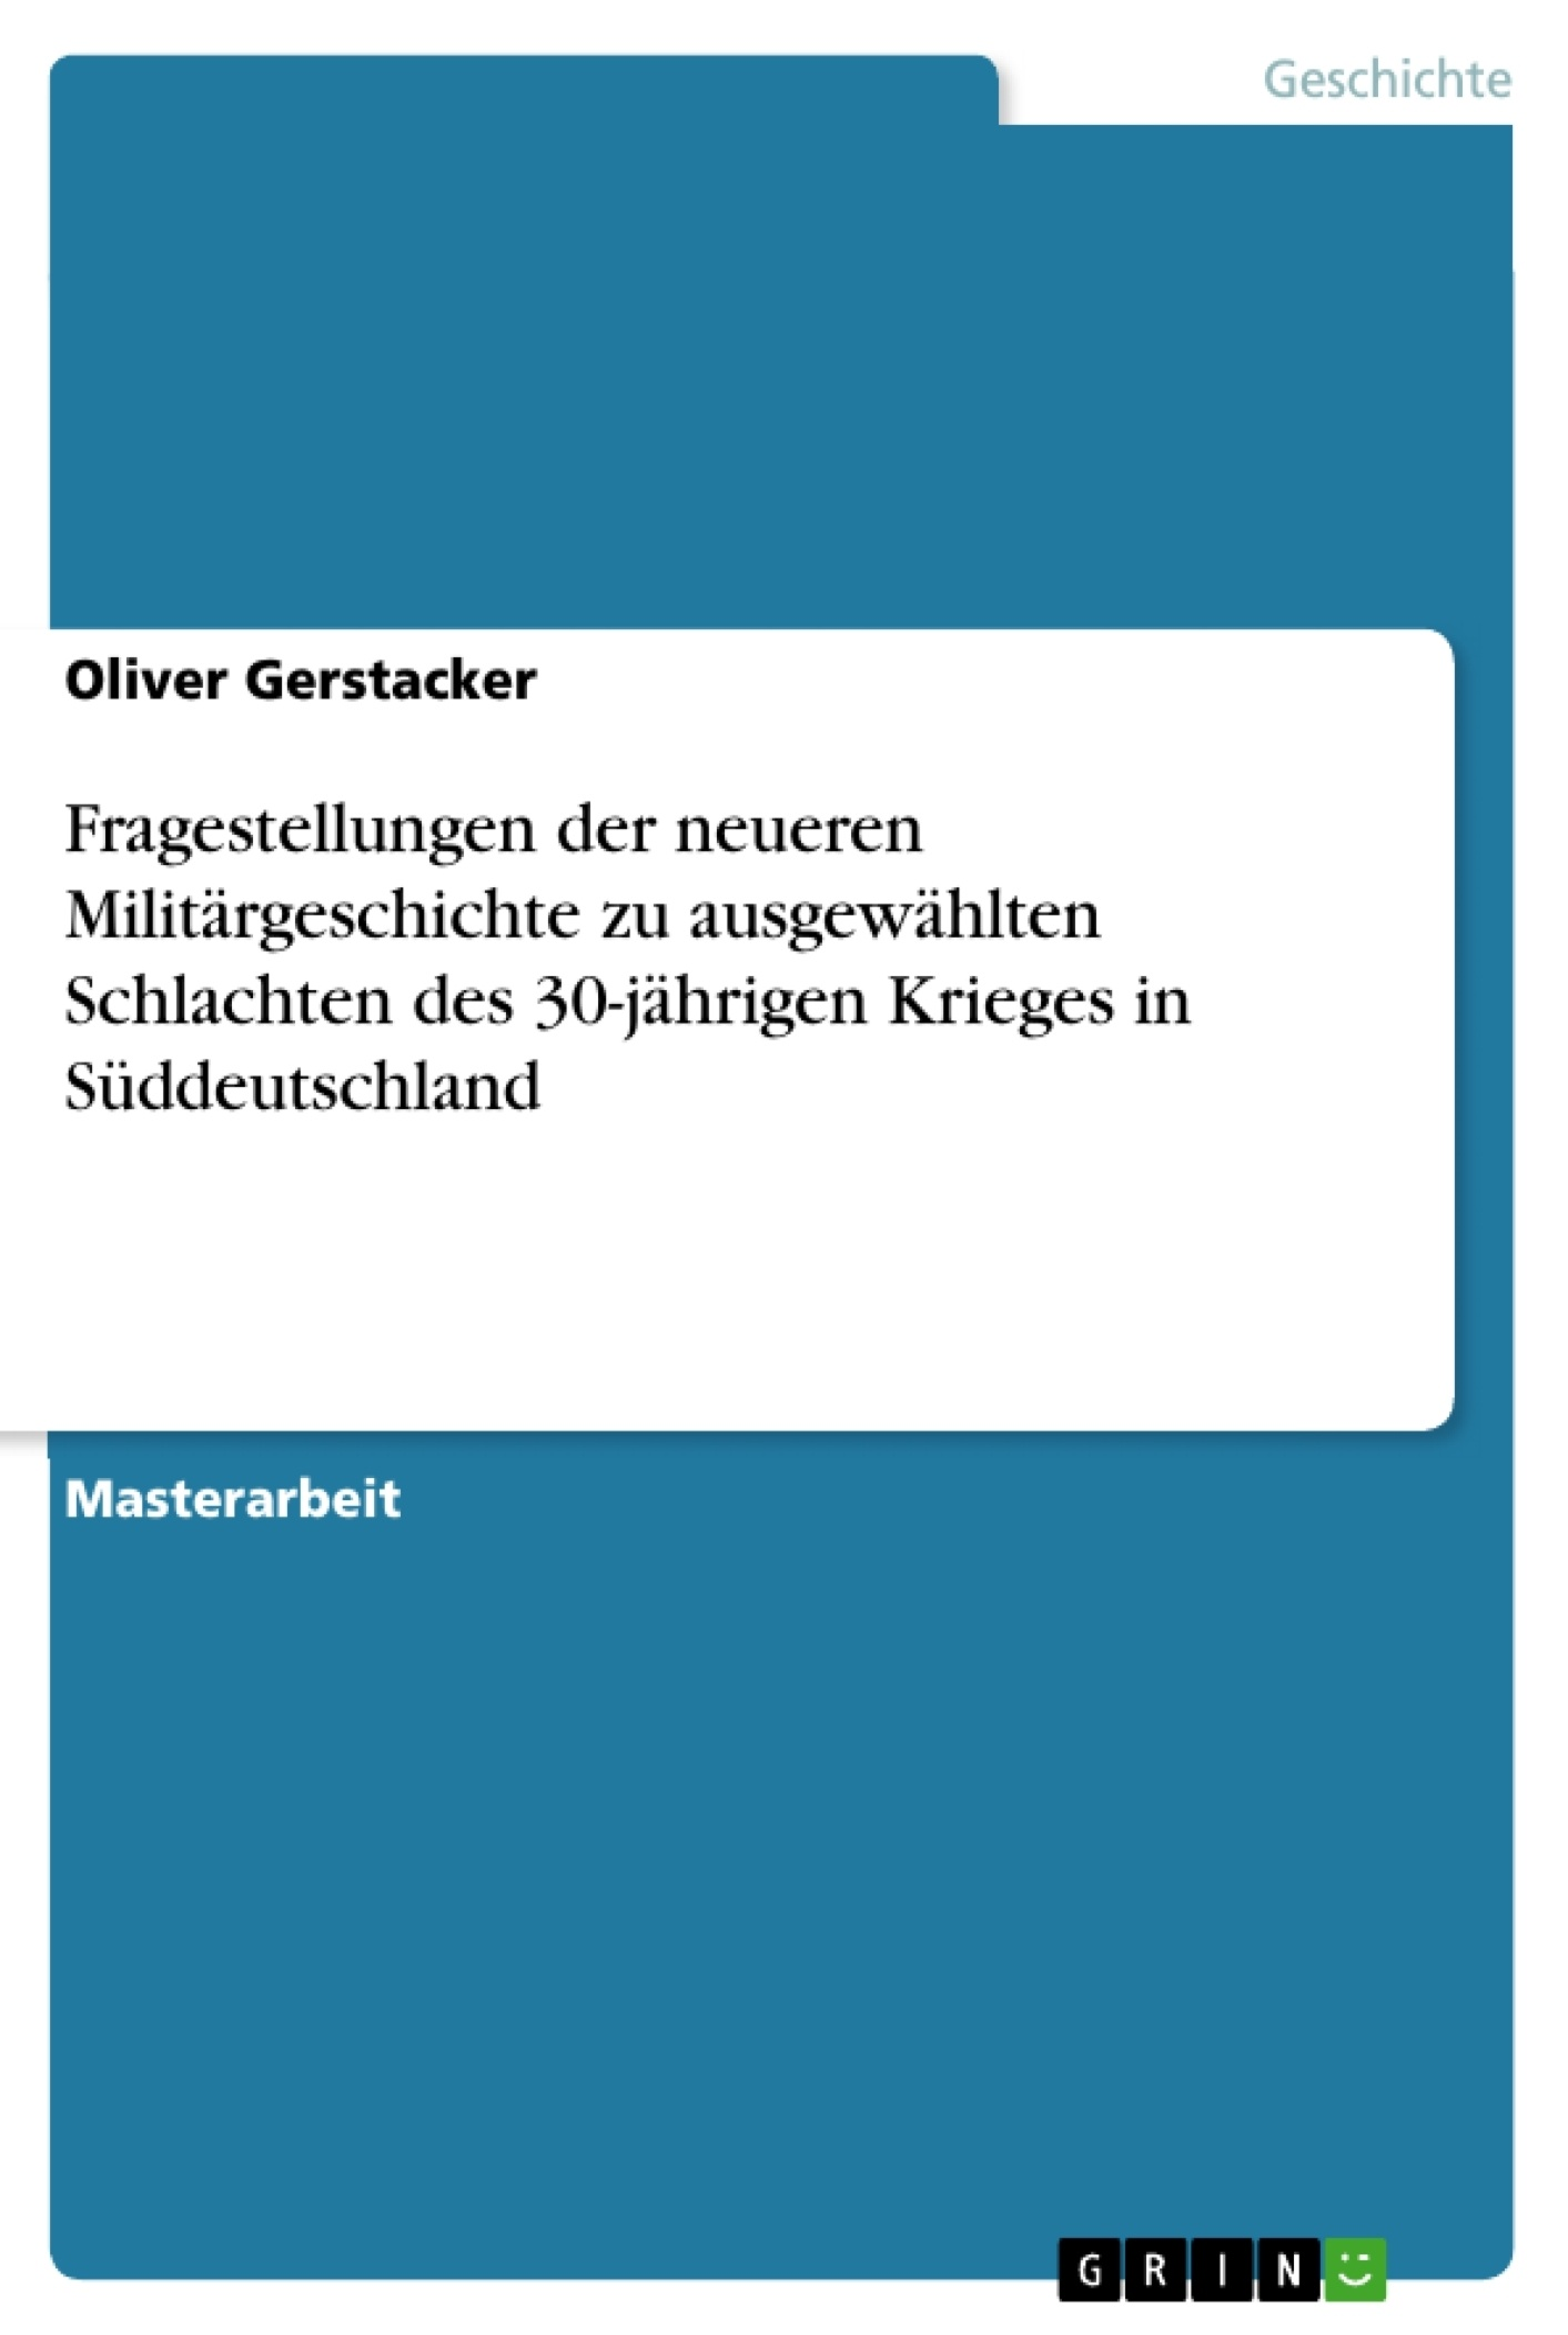 Titel: Fragestellungen der neueren Militärgeschichte zu ausgewählten Schlachten des 30-jährigen Krieges in Süddeutschland